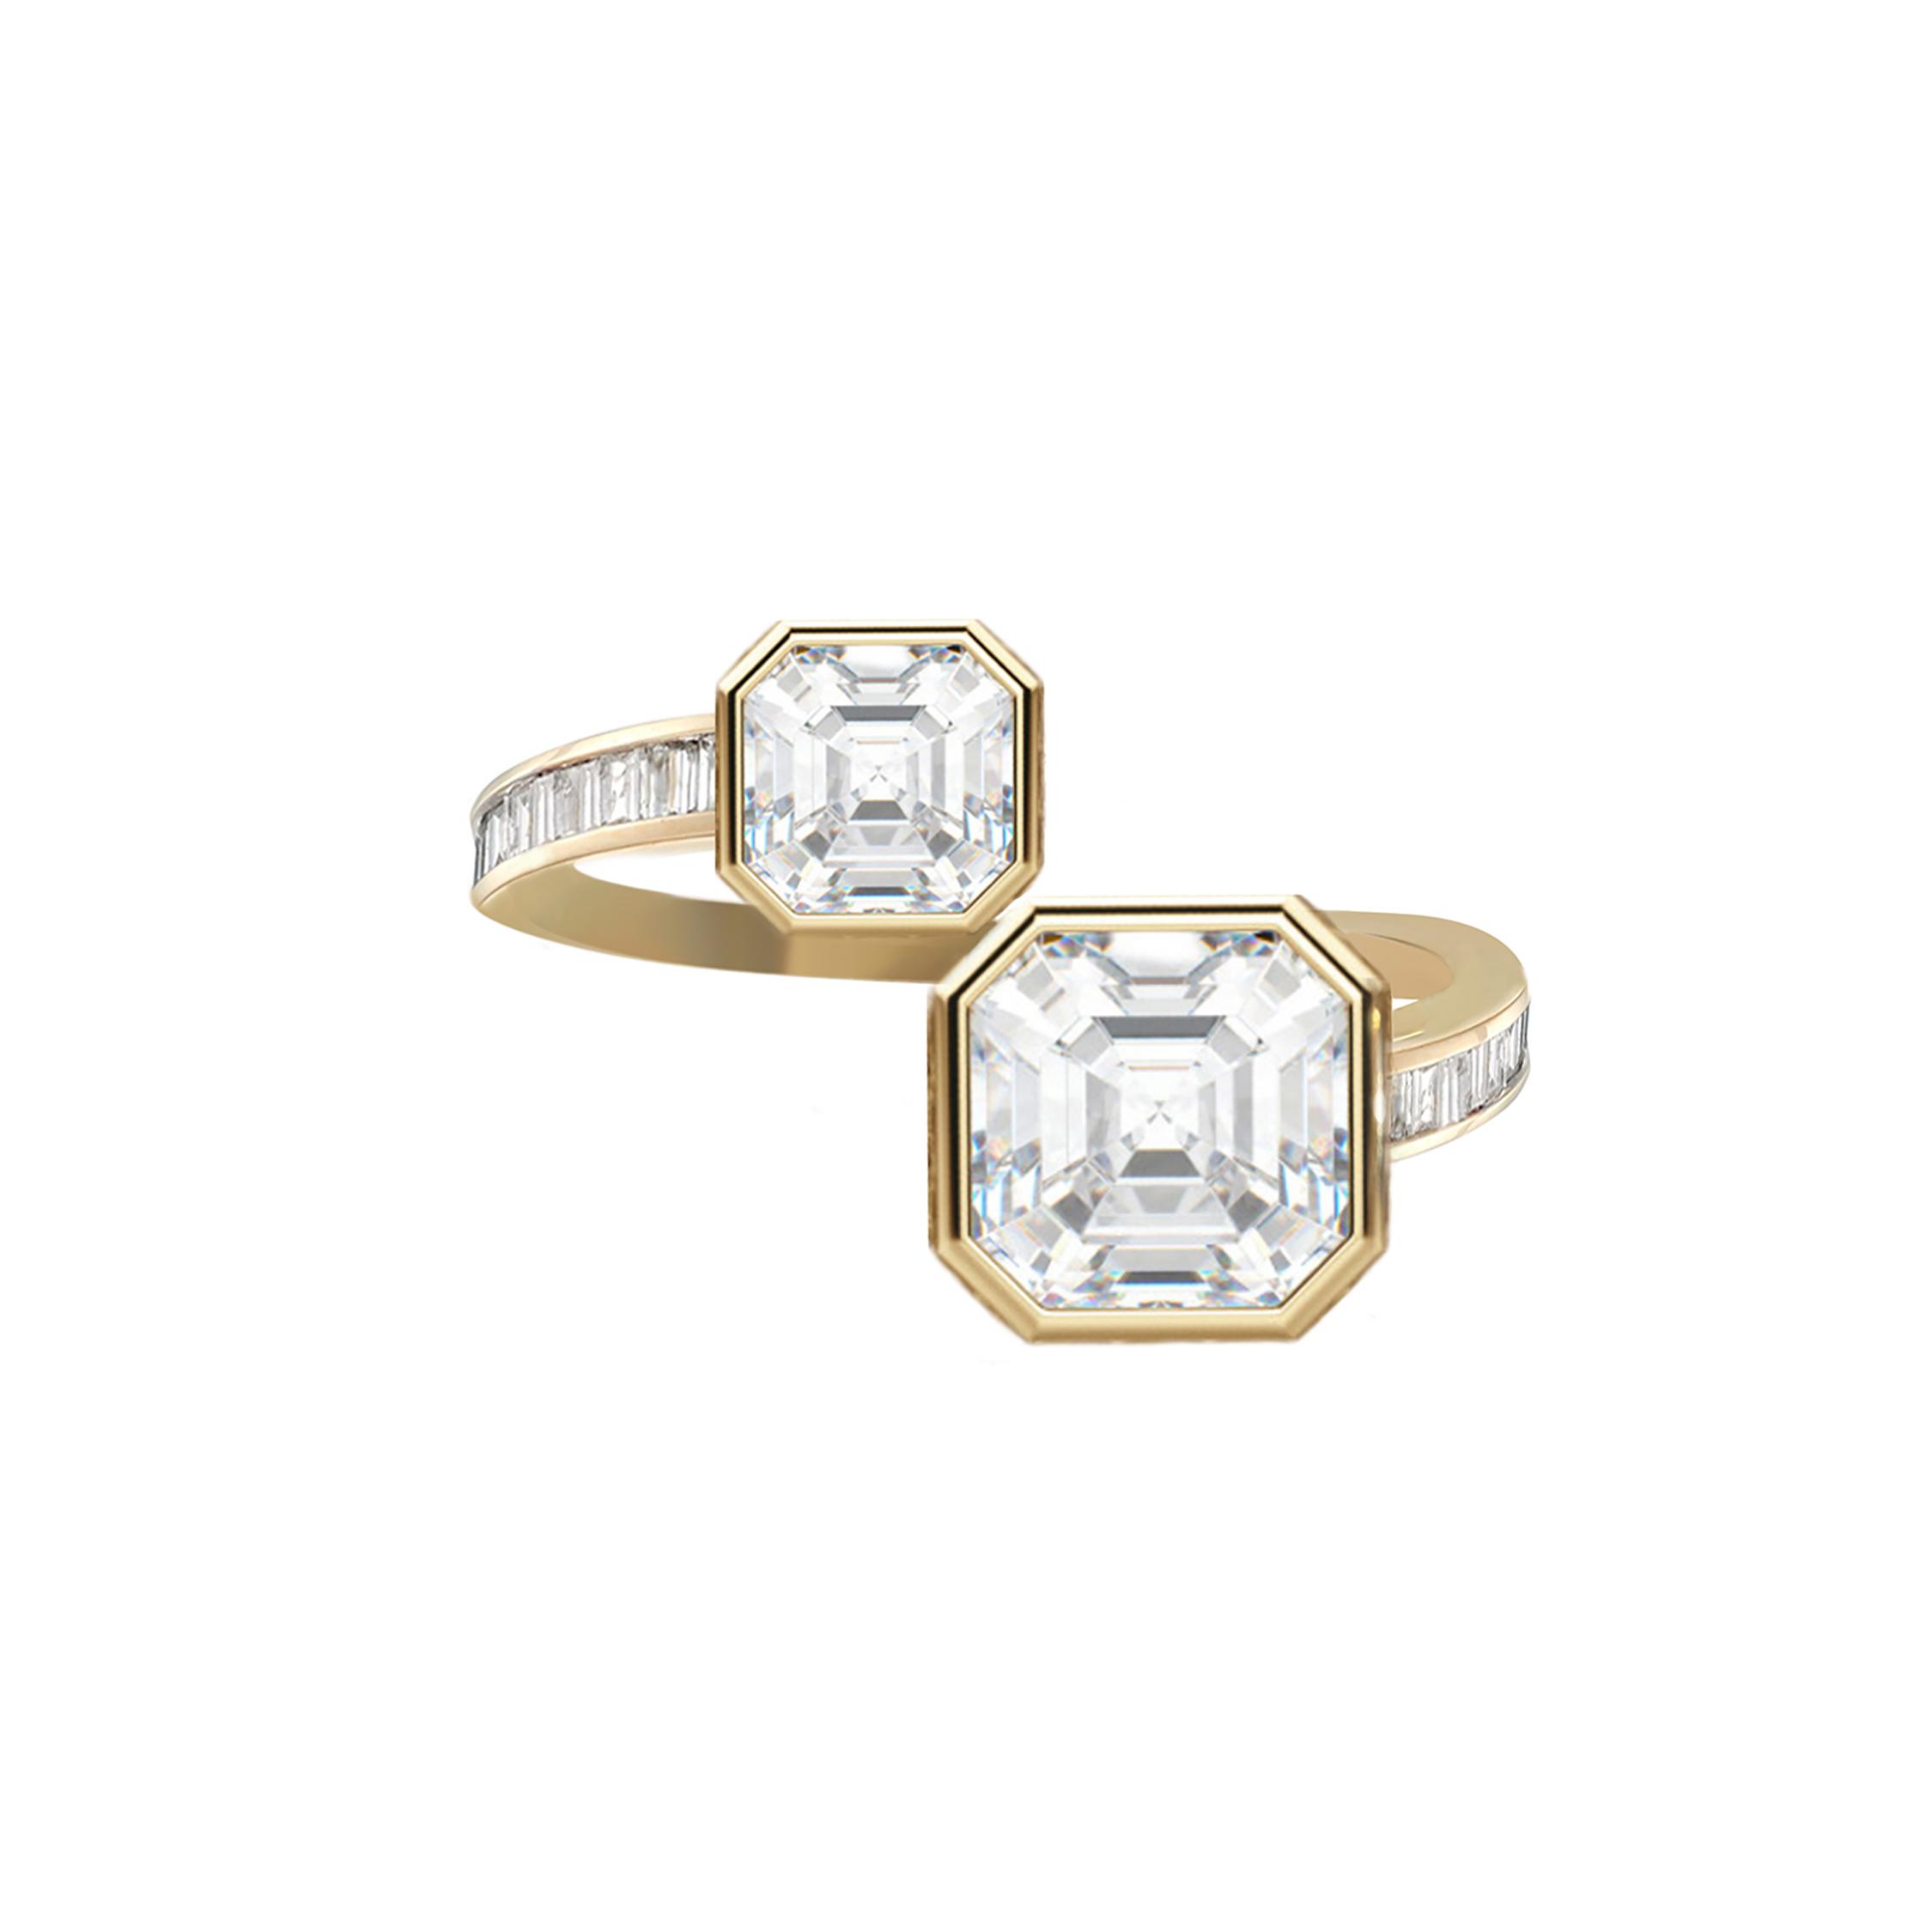 Kat-Kim-Duet-Asscher-Ring-engagement-alternative